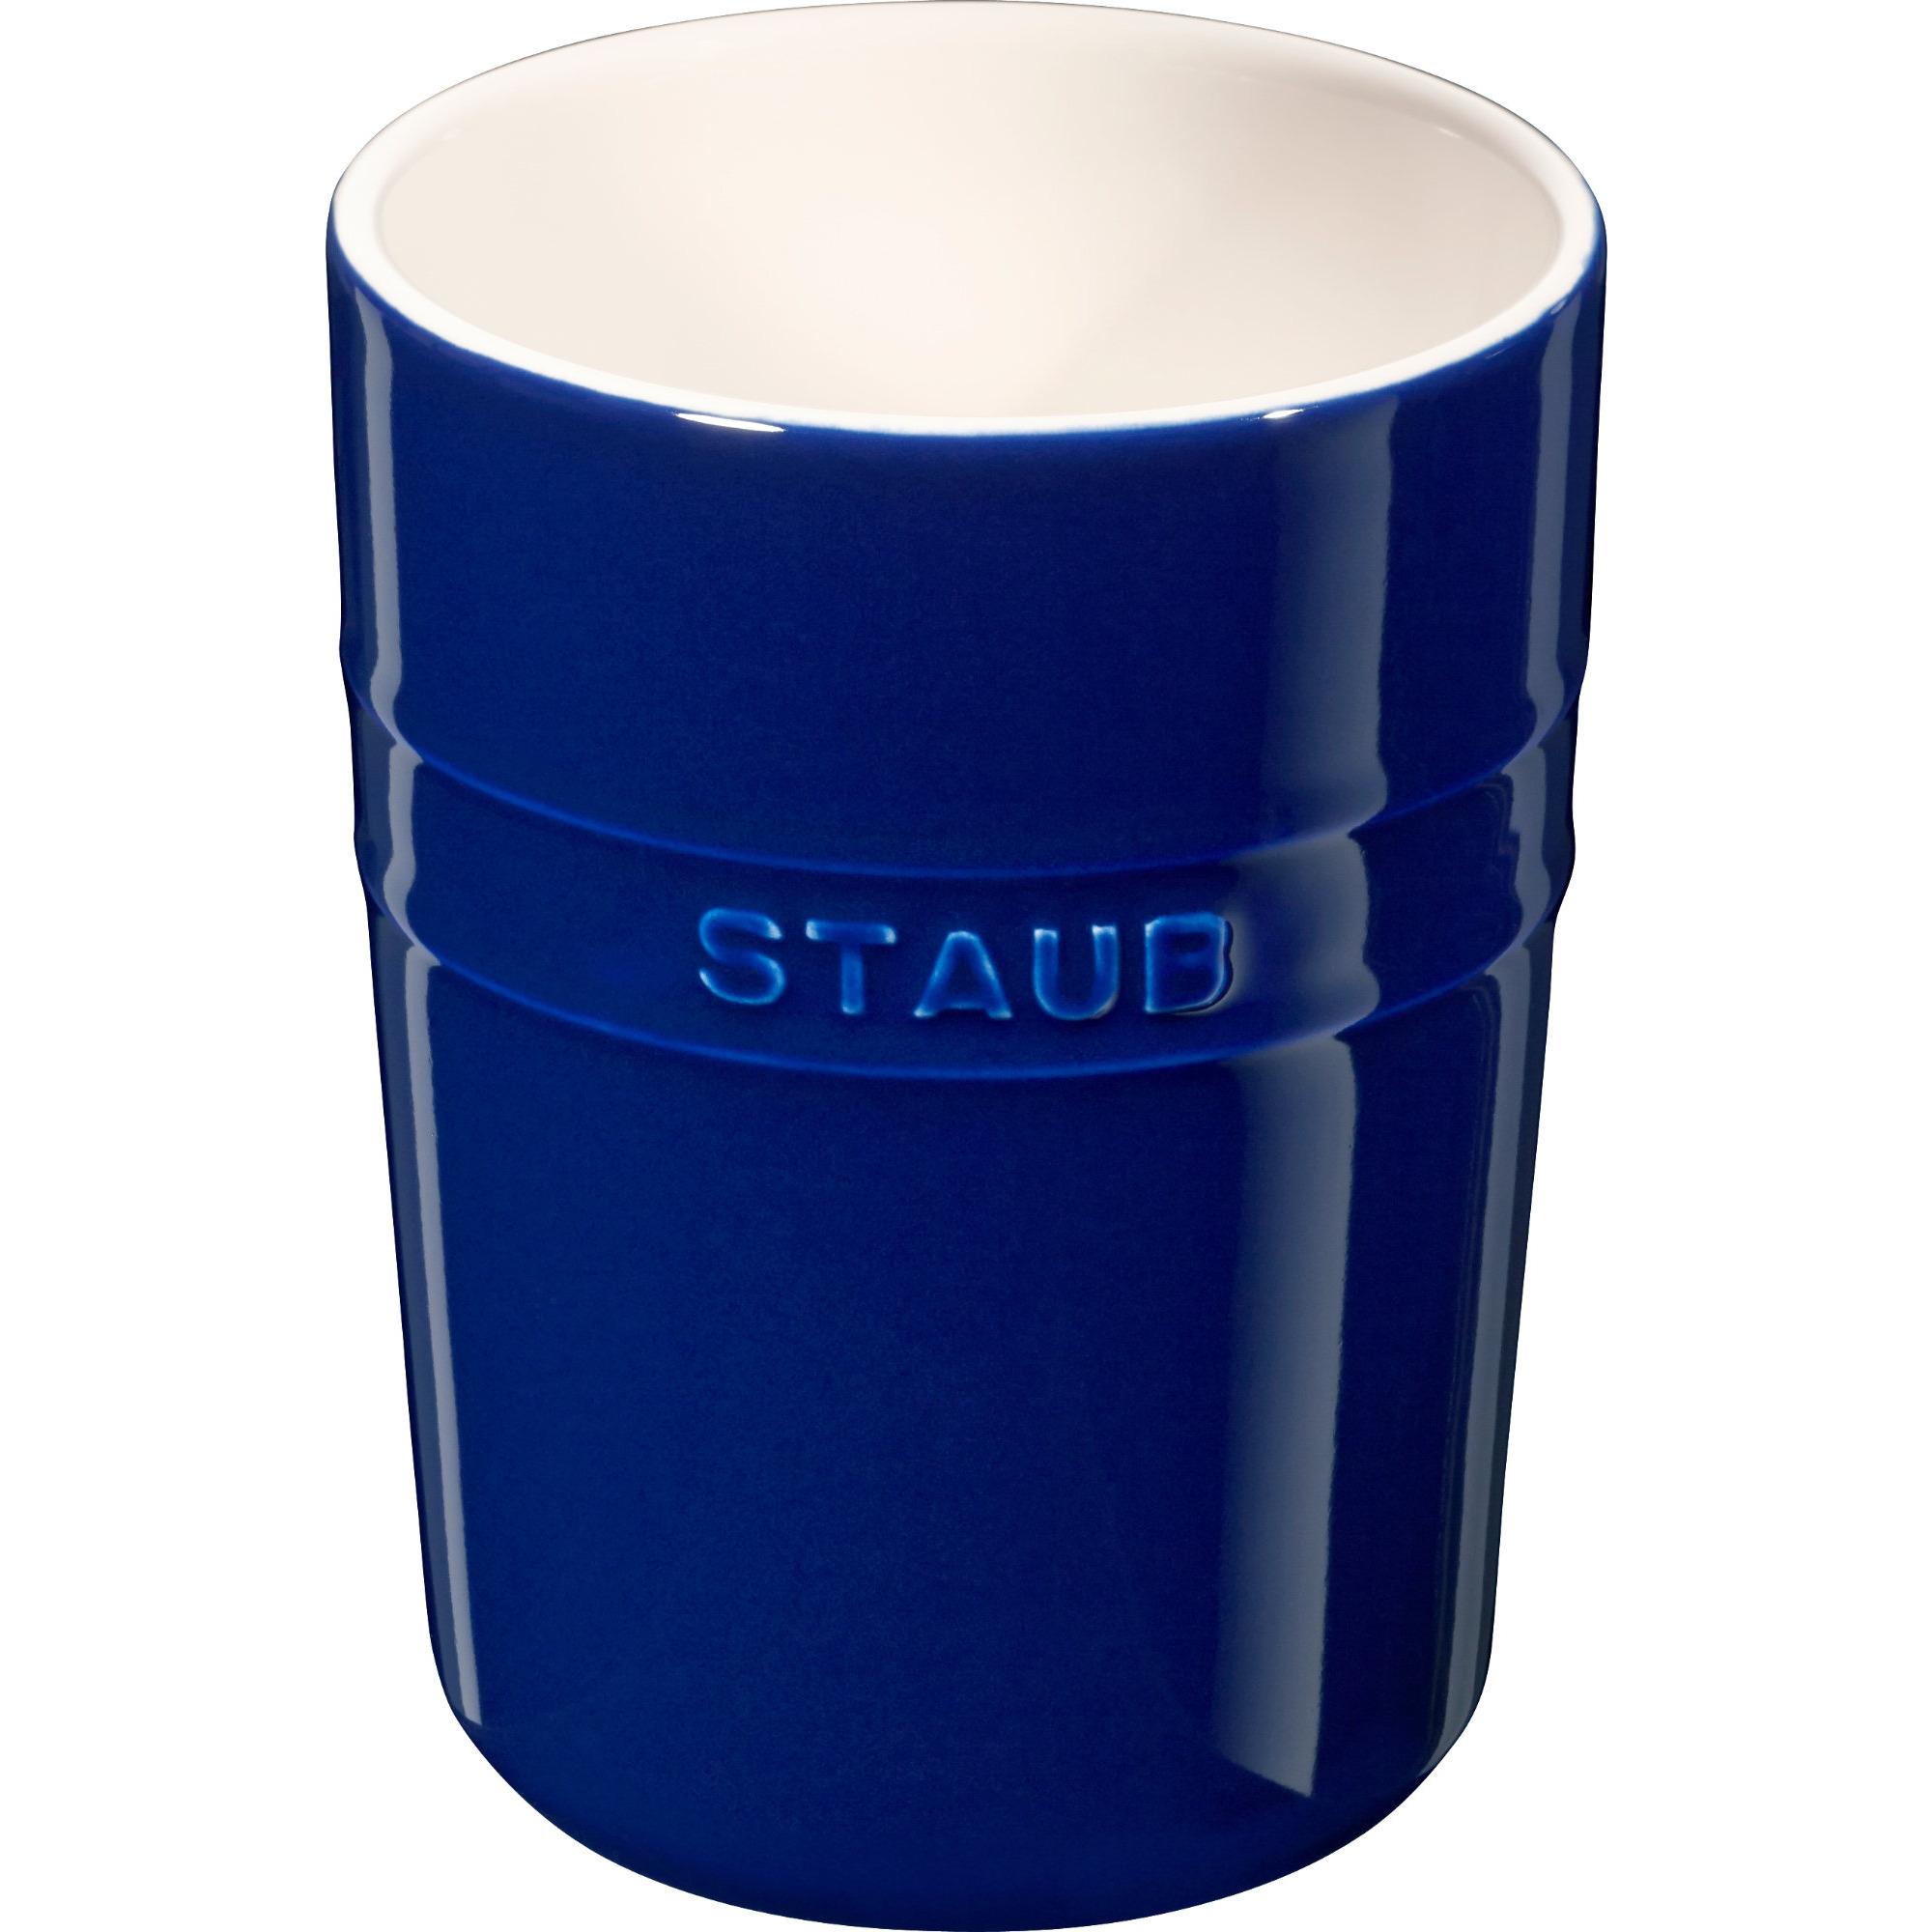 Staub Ceramic Redskapskrus Blå 11 cm 09 l